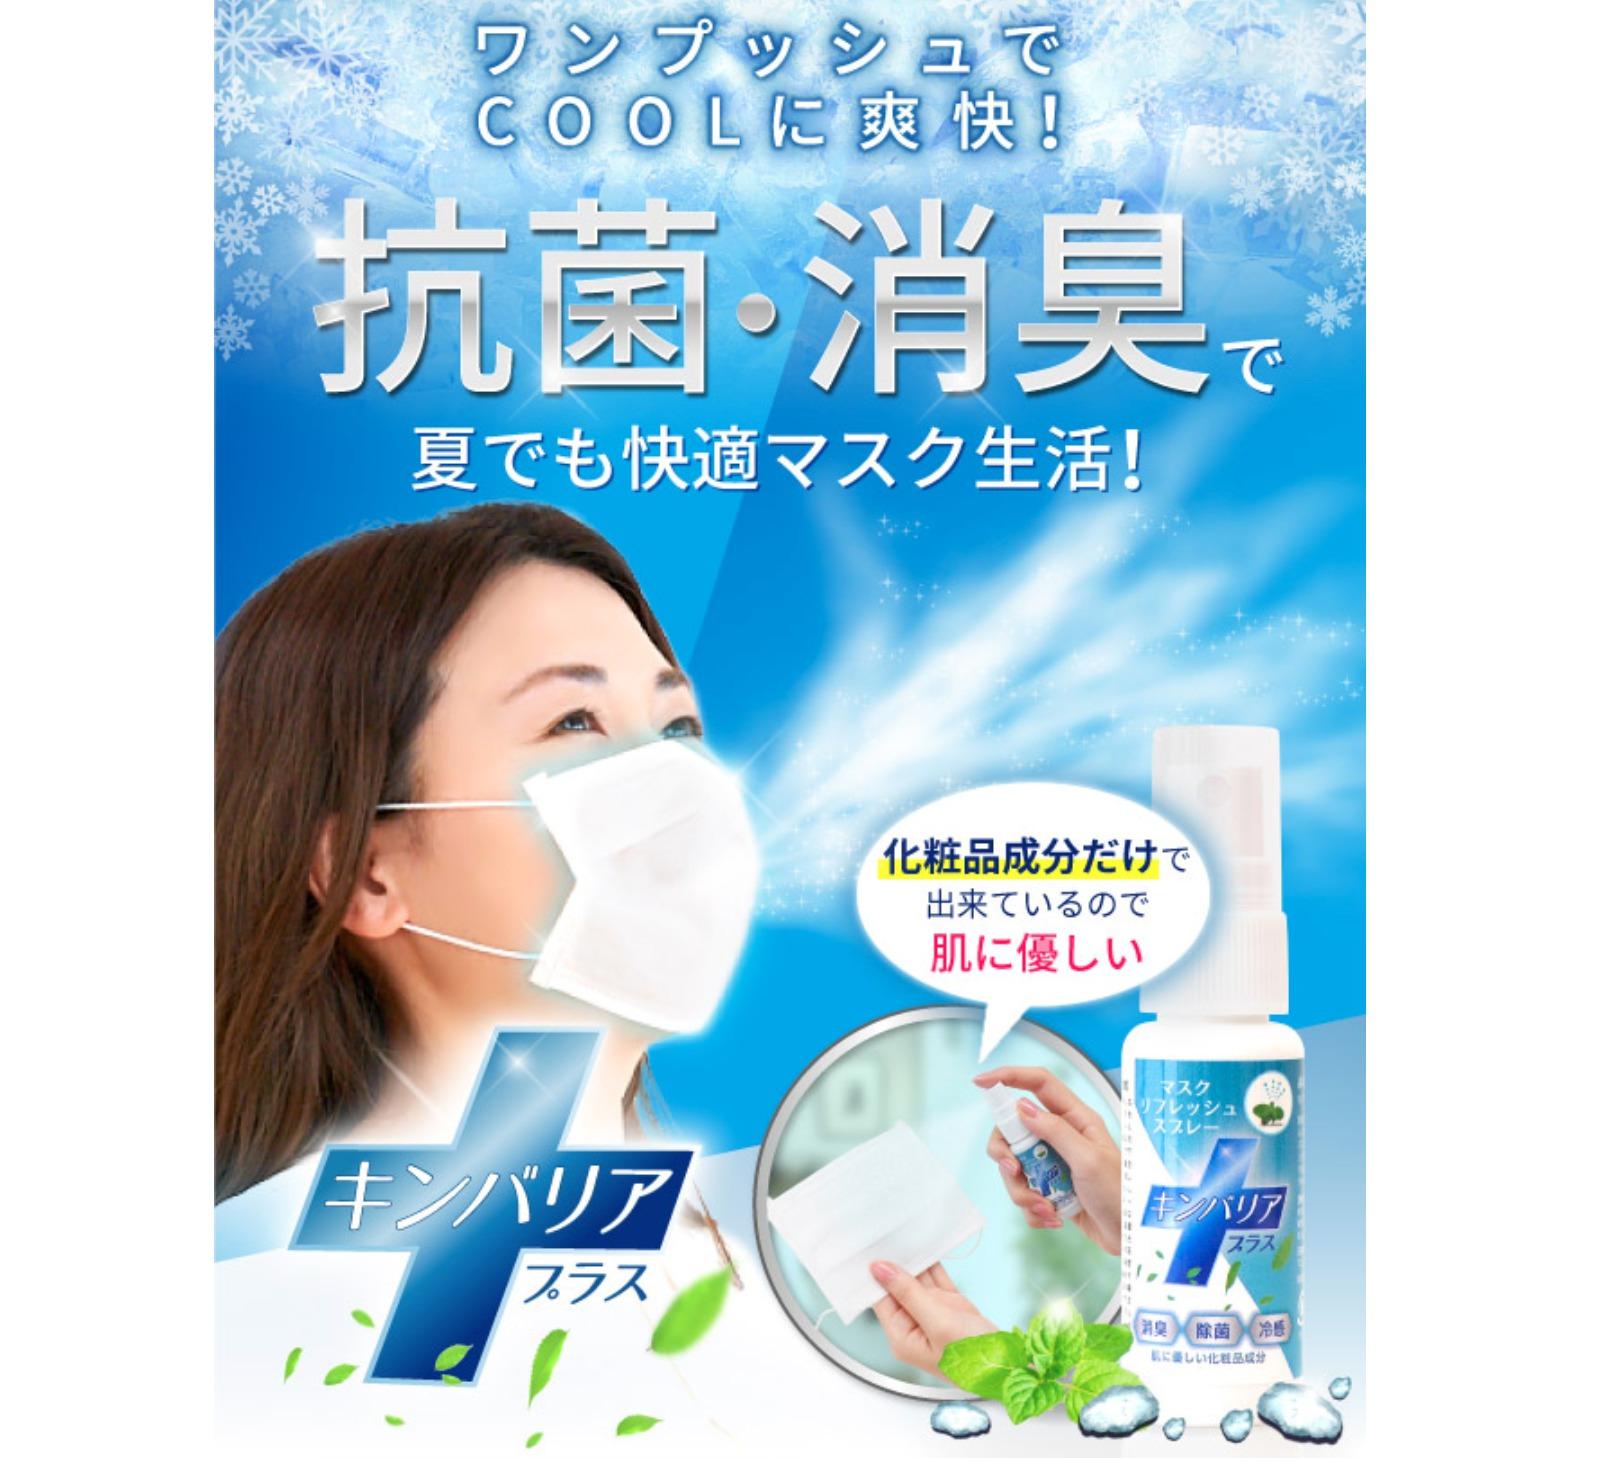 マスクにシュ!と吹きかけるだけで抗菌作用スプレー